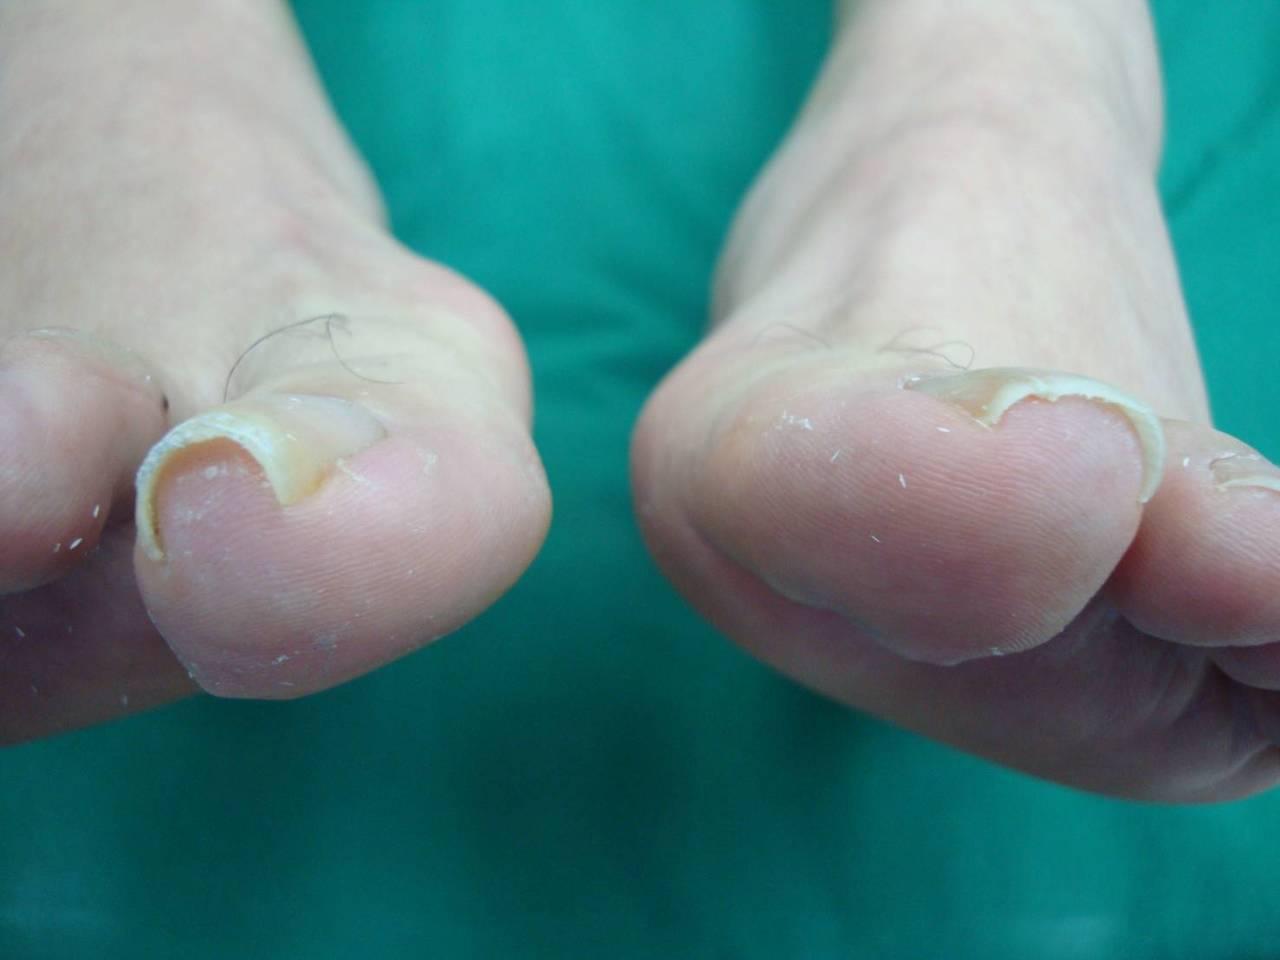 51歲的陳姓男子,因雙腳拇指指甲常常長在肉裡面,導致發炎而形成甲溝炎,走起路來一...